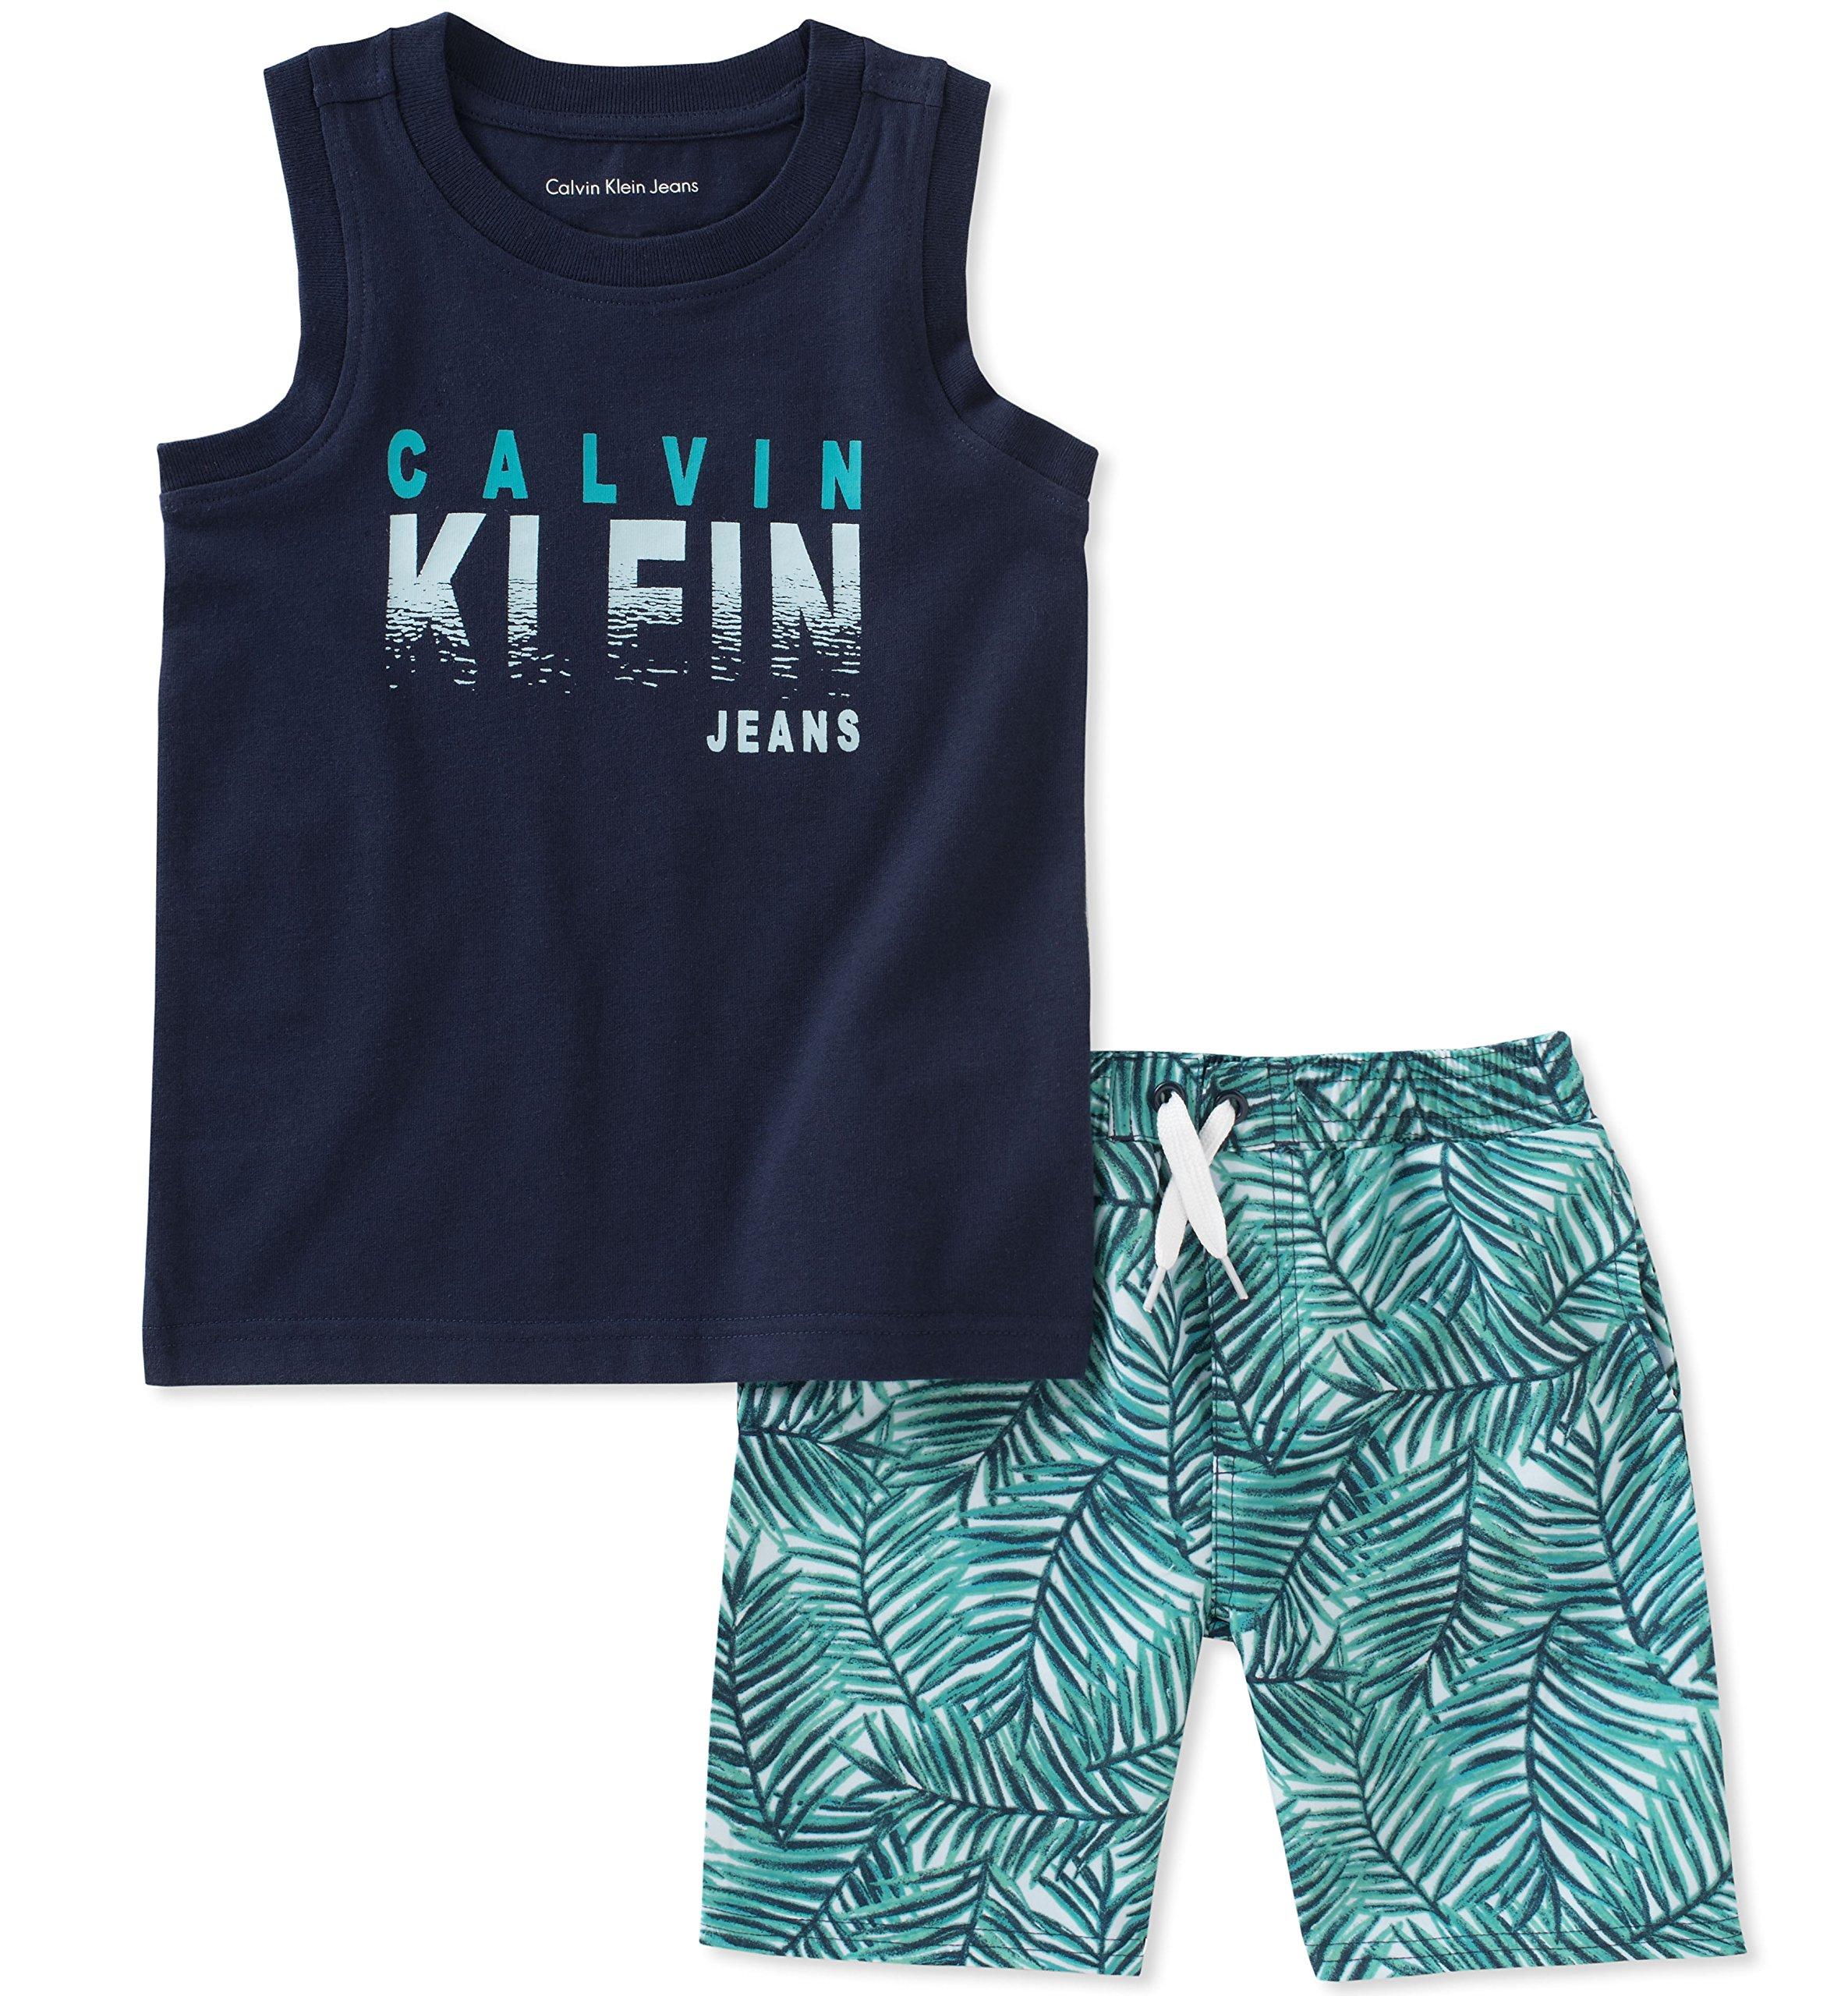 Calvin Klein Boys' Big 2 Pieces Muscle Top Shorts Set, Navy/Green, 10